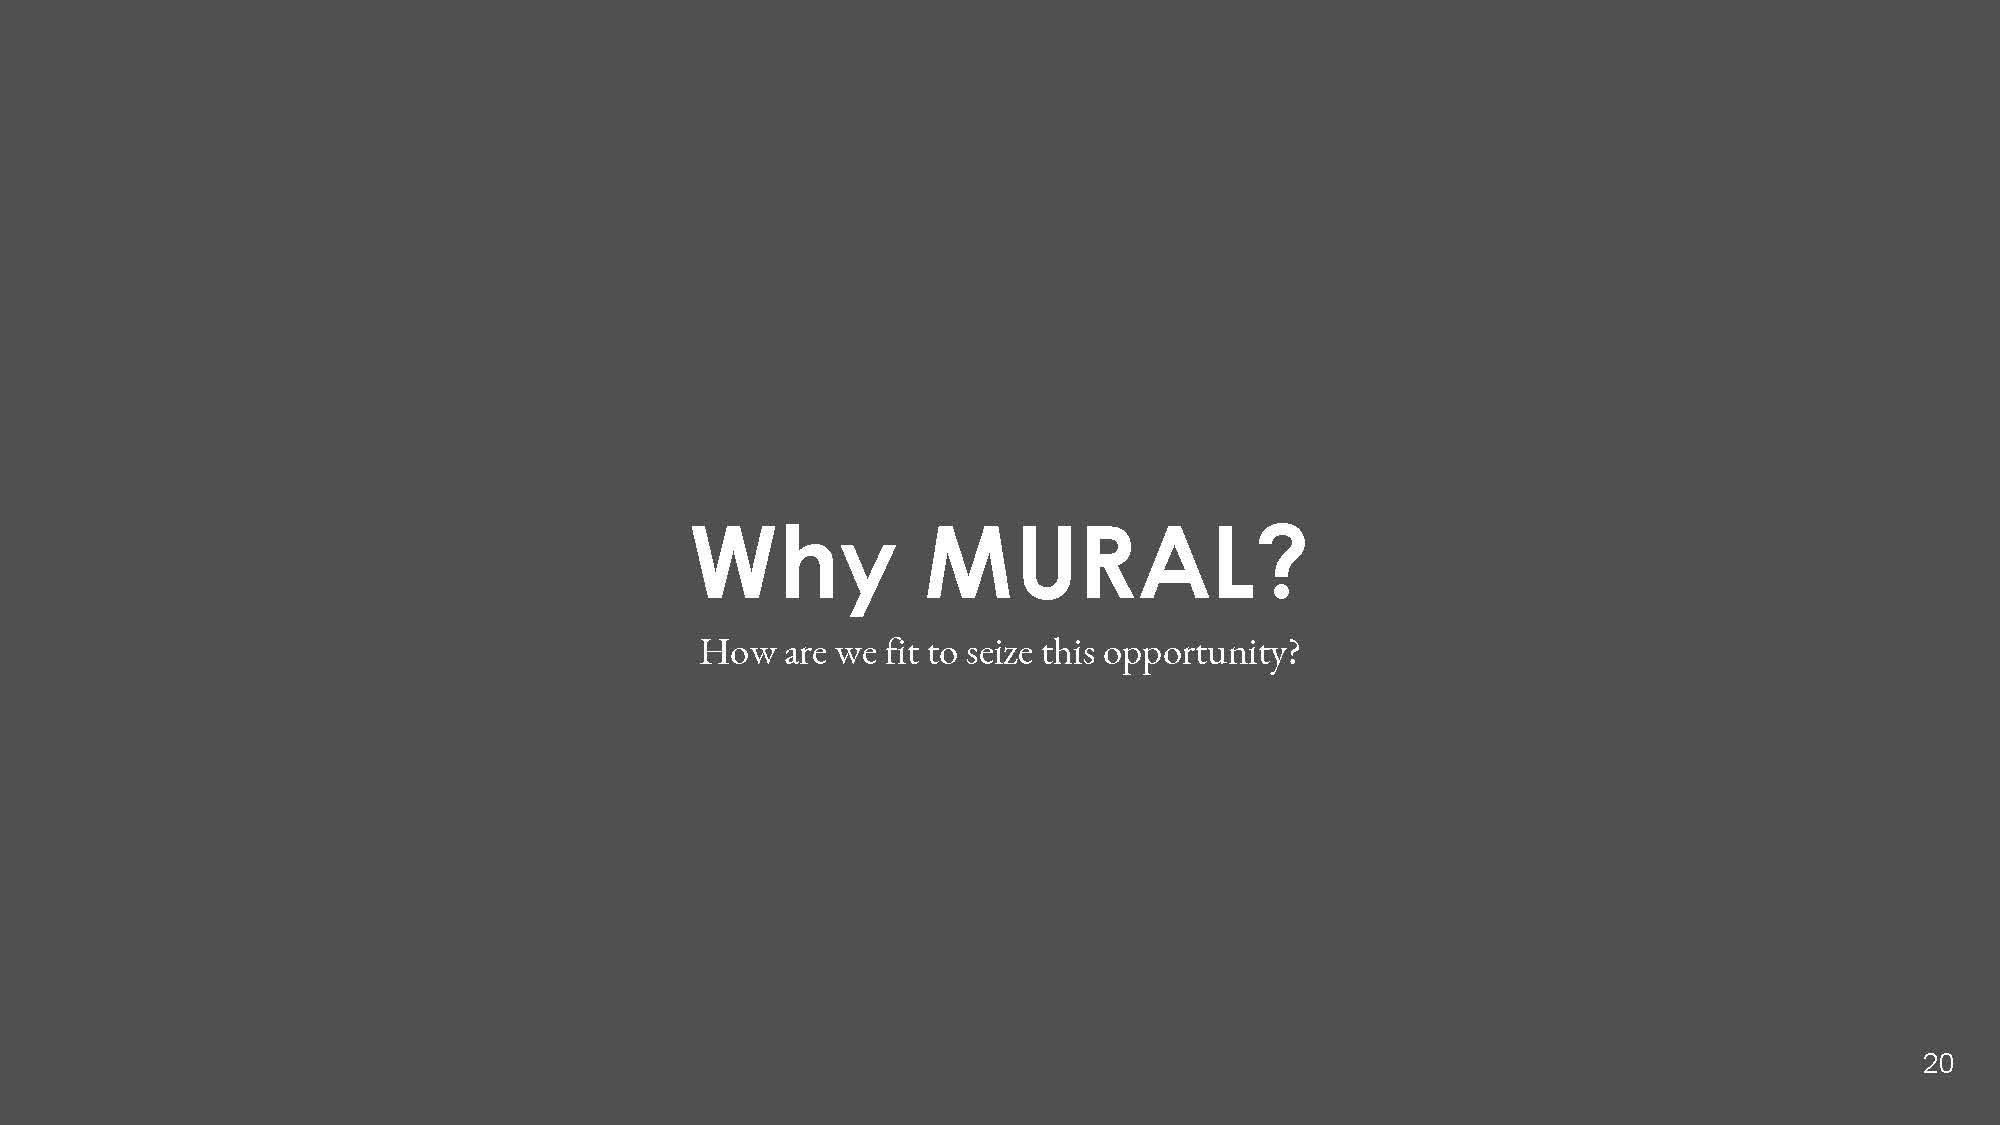 mural_Page_20.jpg